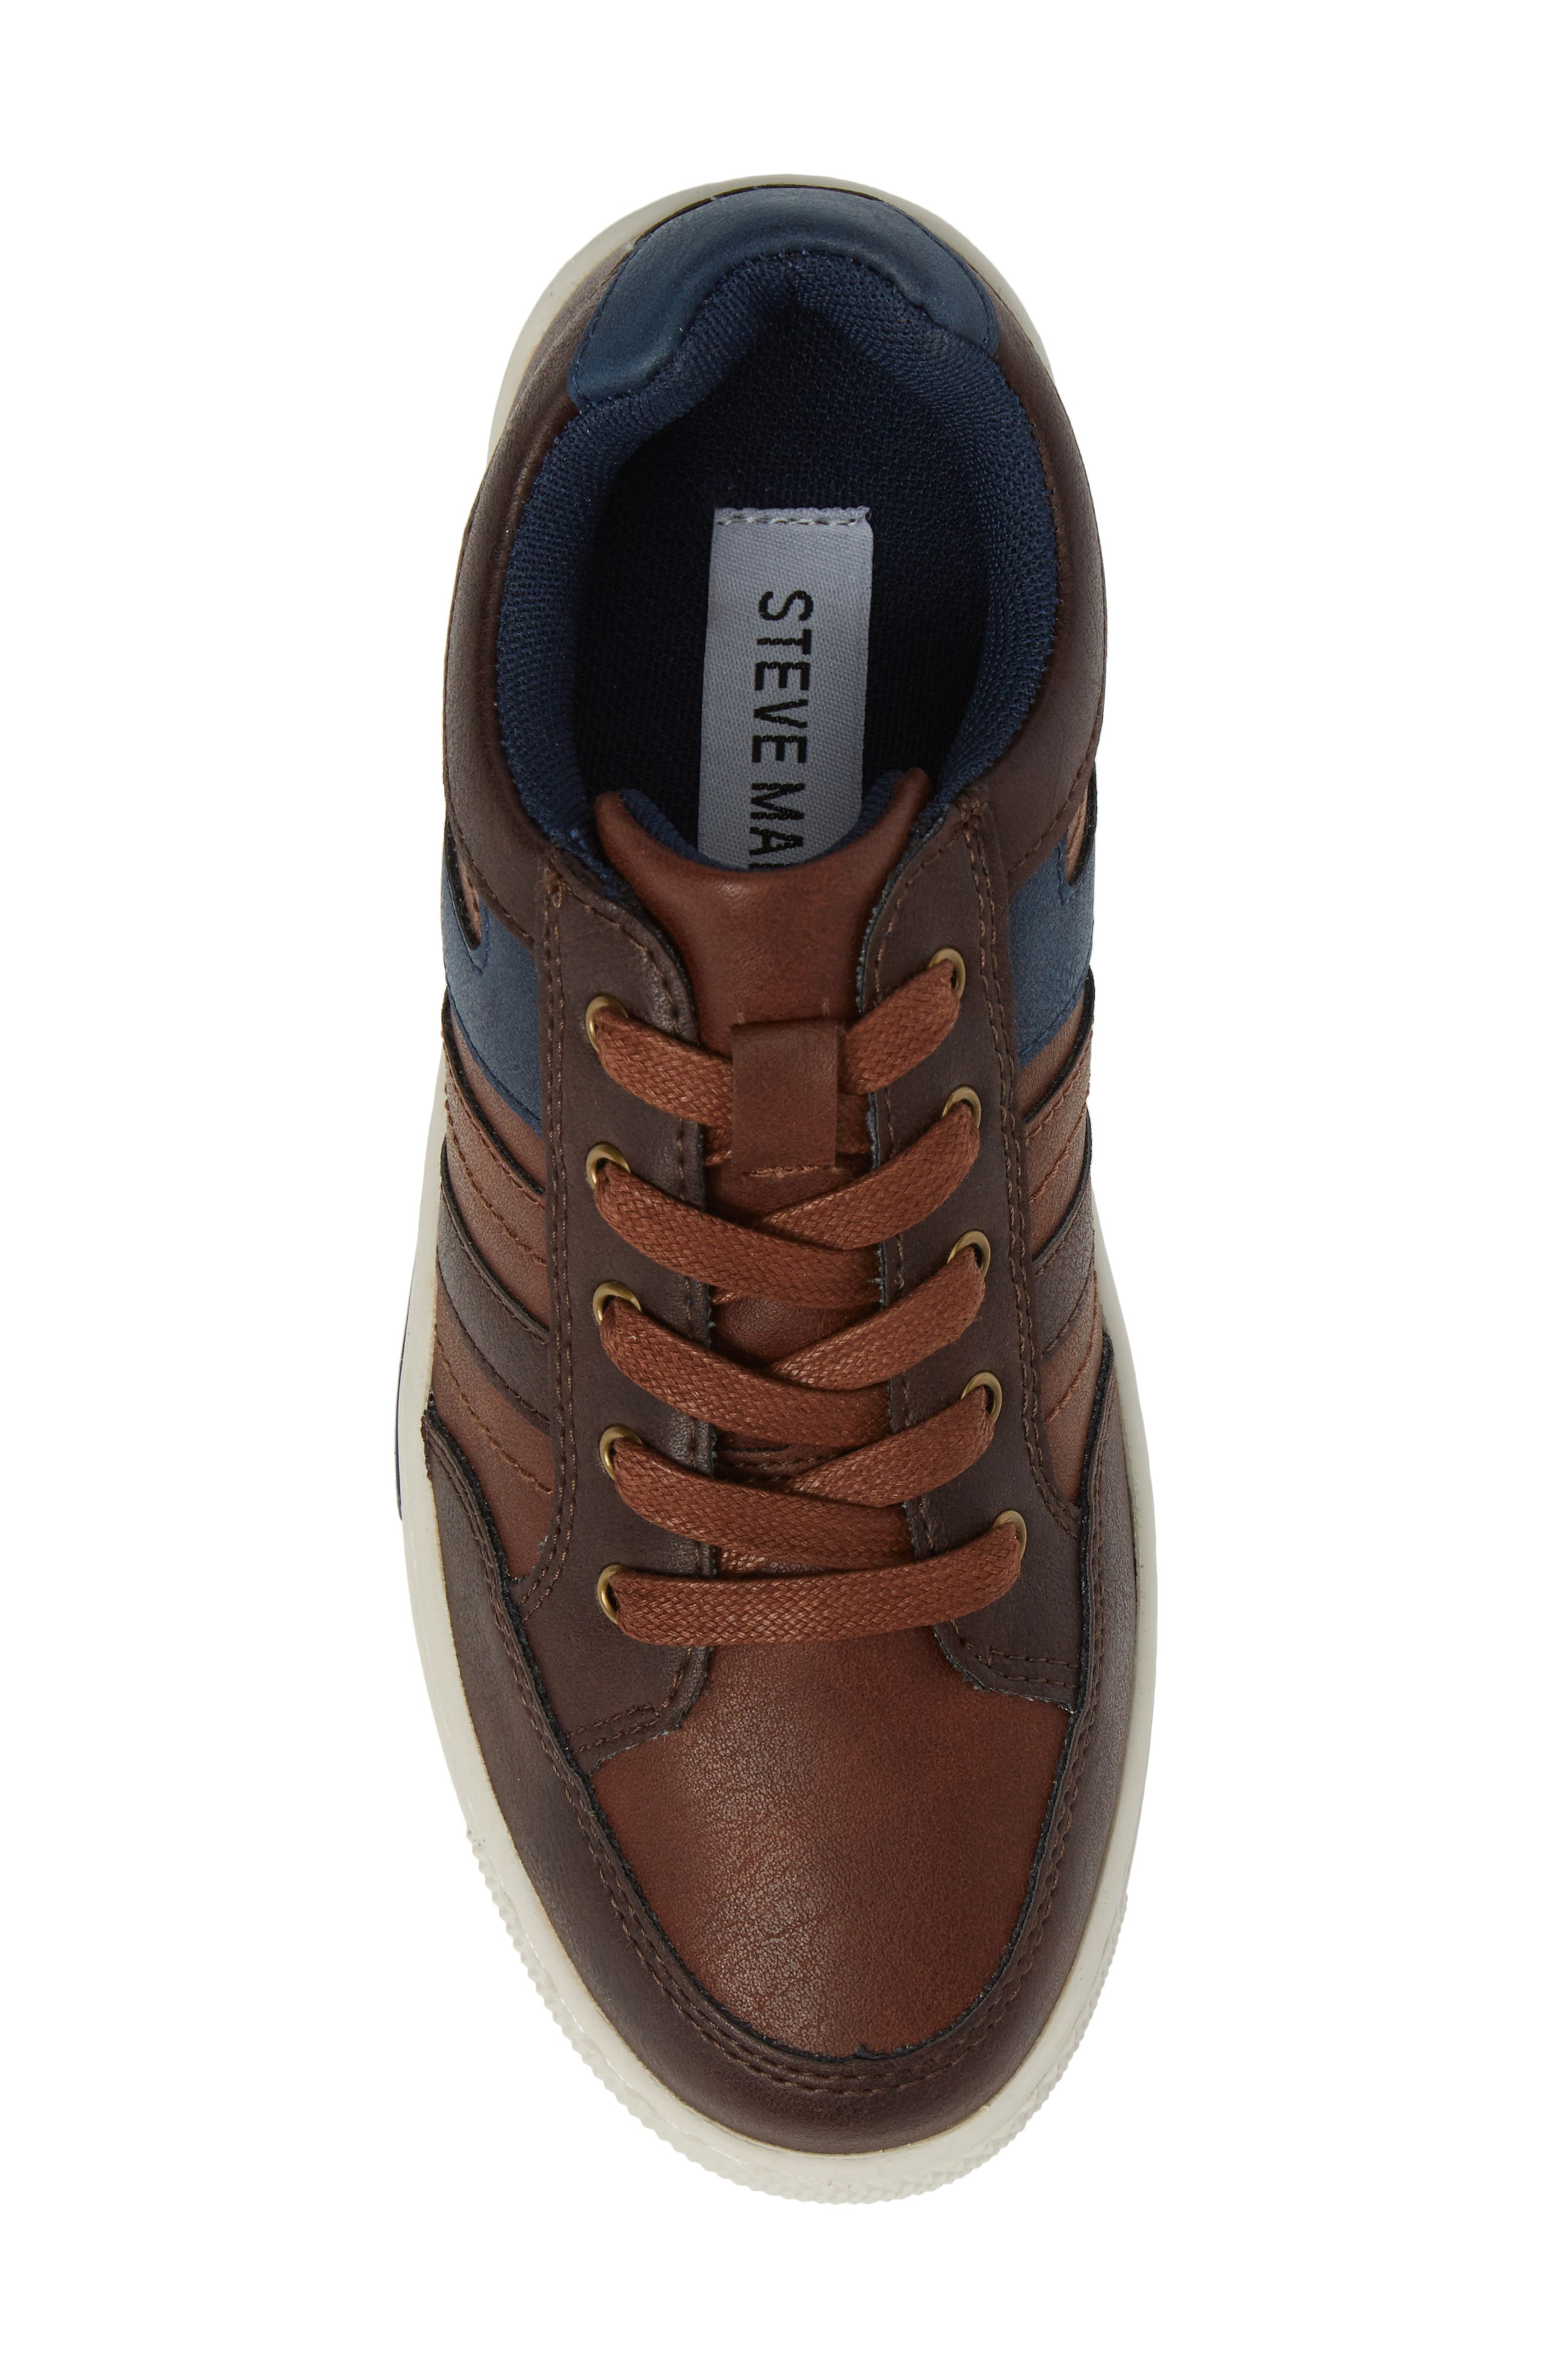 Trakk Sneaker,                             Alternate thumbnail 5, color,                             207